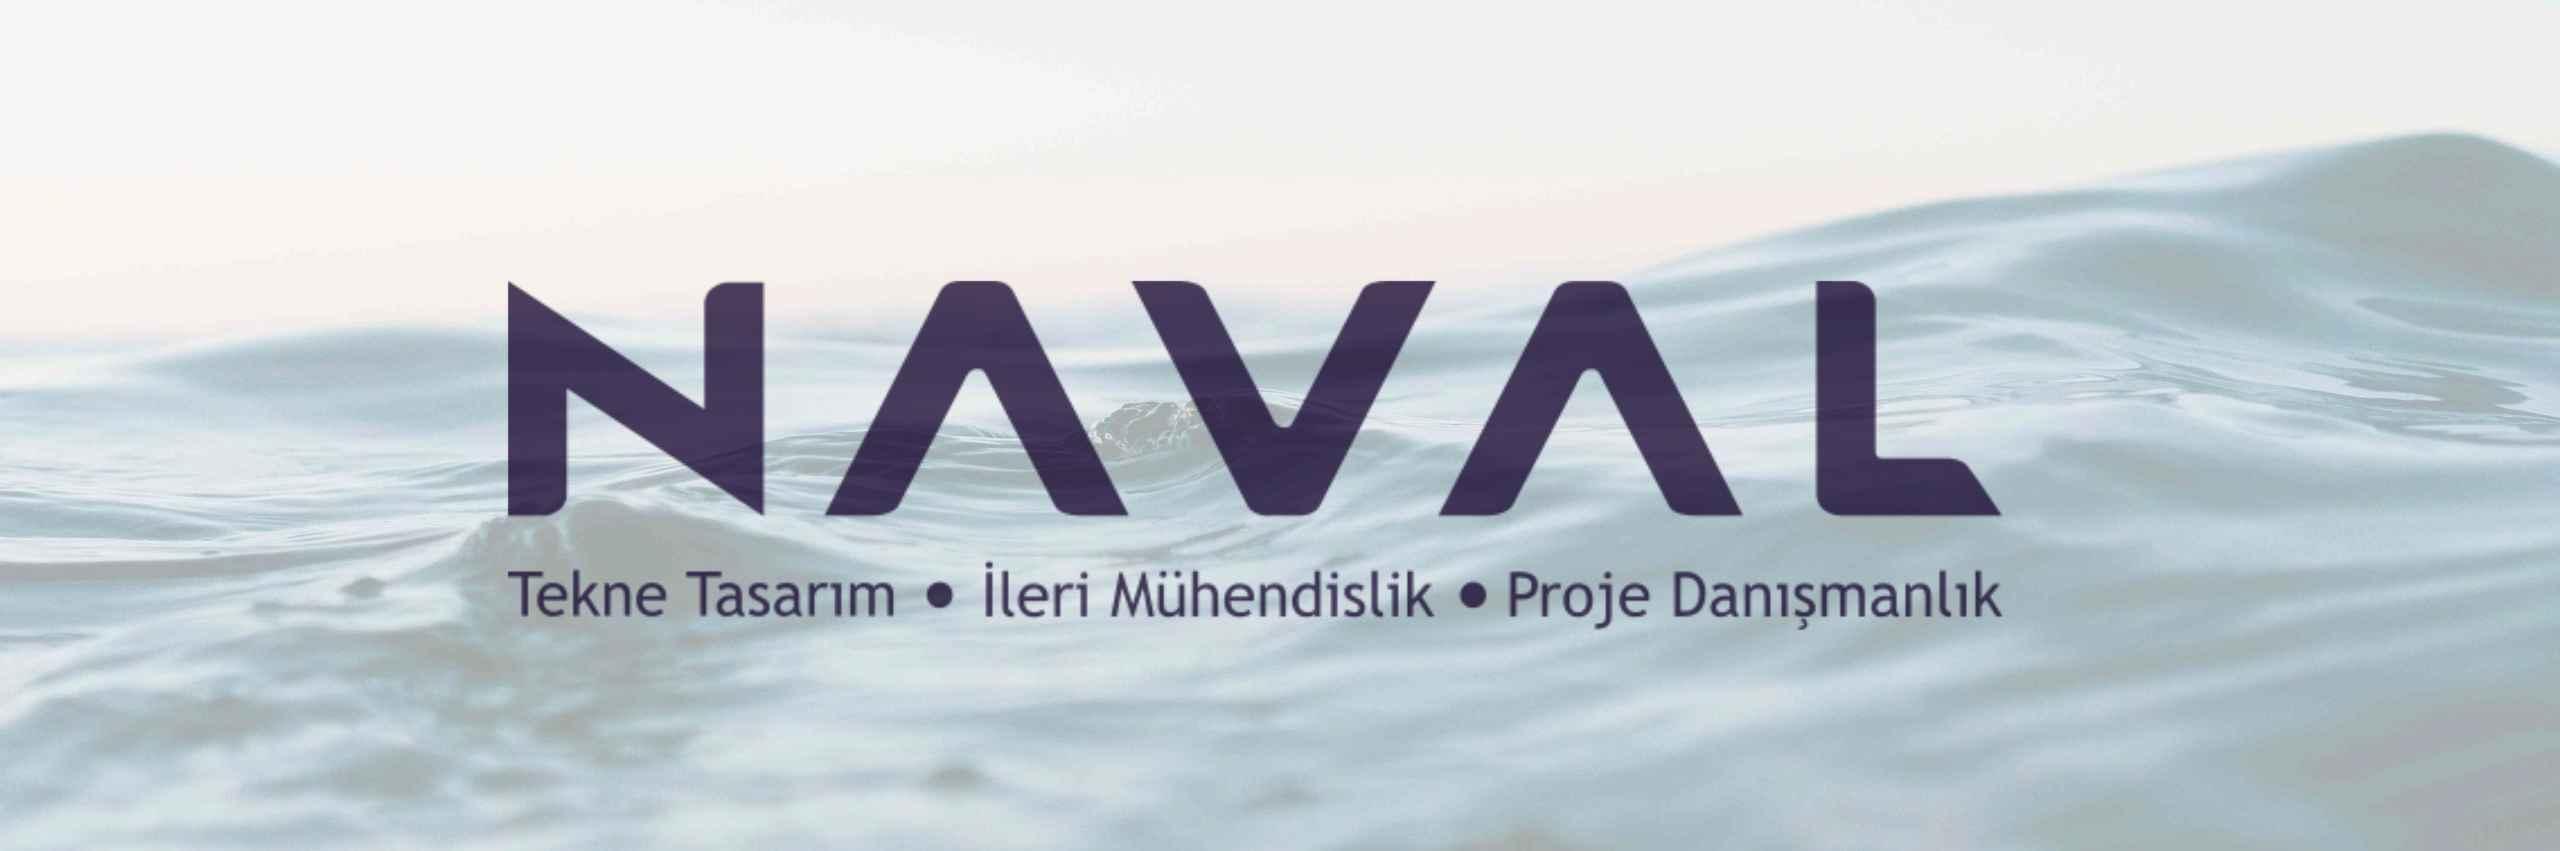 Naval Teknoloji Merkezi_Gemi Mühendisliği Ar-Ge-compressed